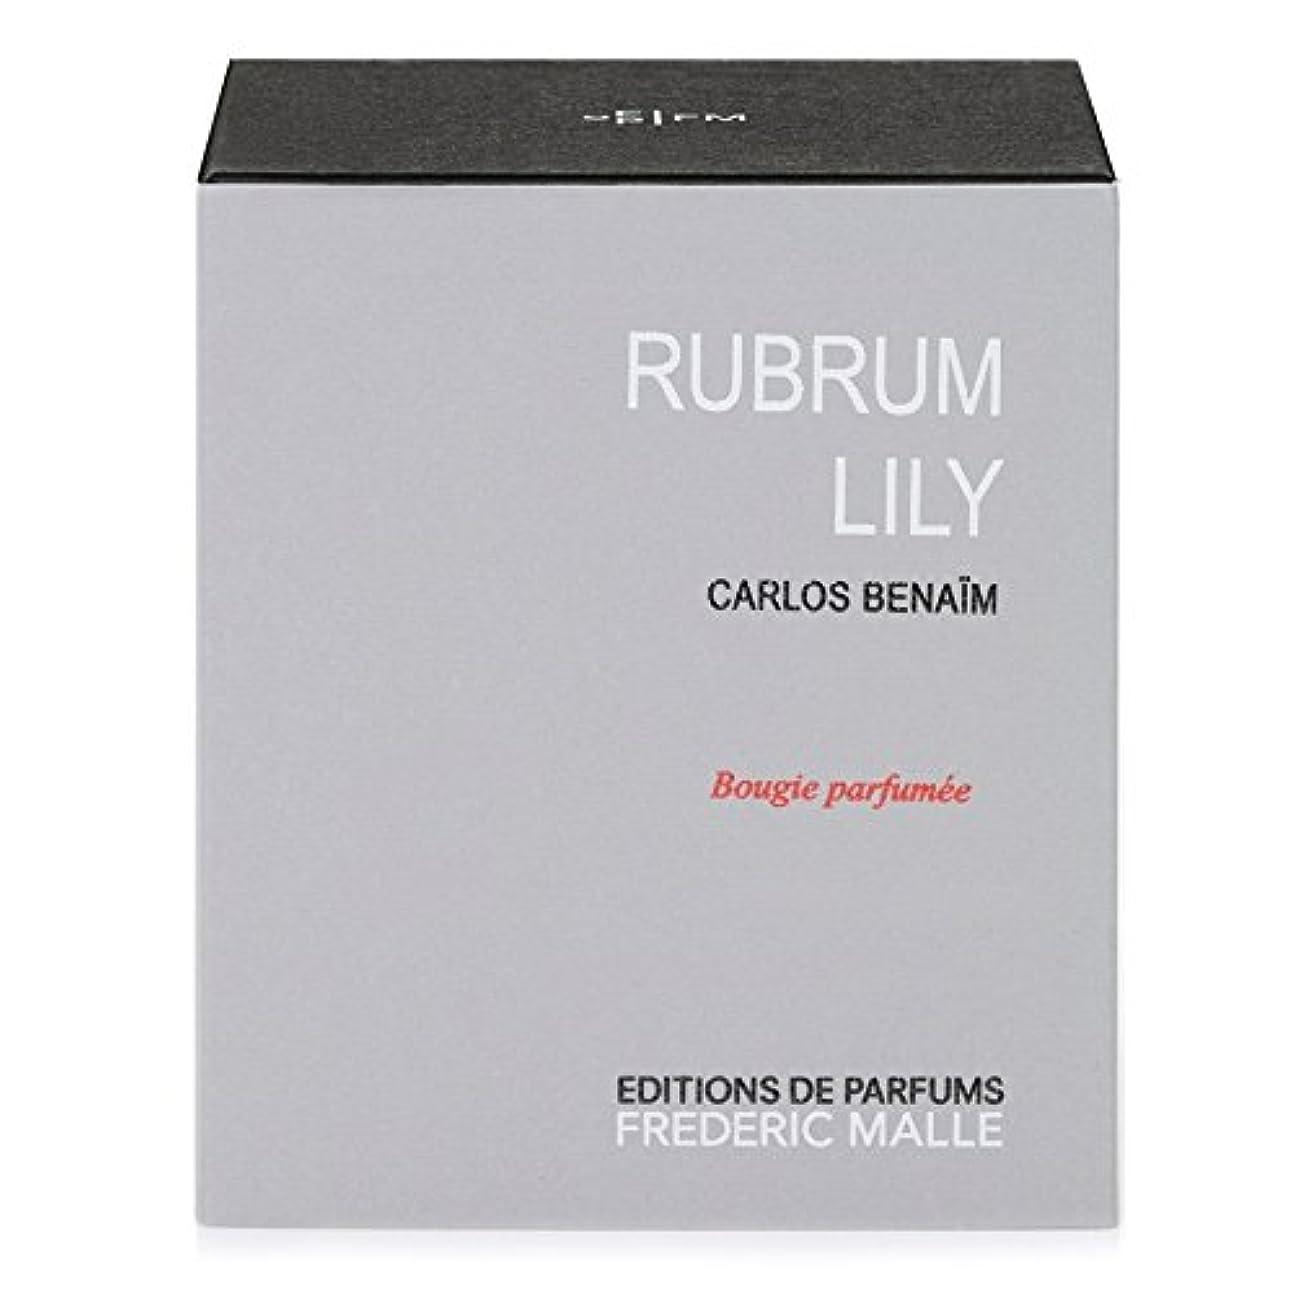 博覧会項目マニアックFrederic Malle Rubrum Lily Scented Candle (Pack of 4) - フレデリック?マルルブルムユリの香りのキャンドル x4 [並行輸入品]